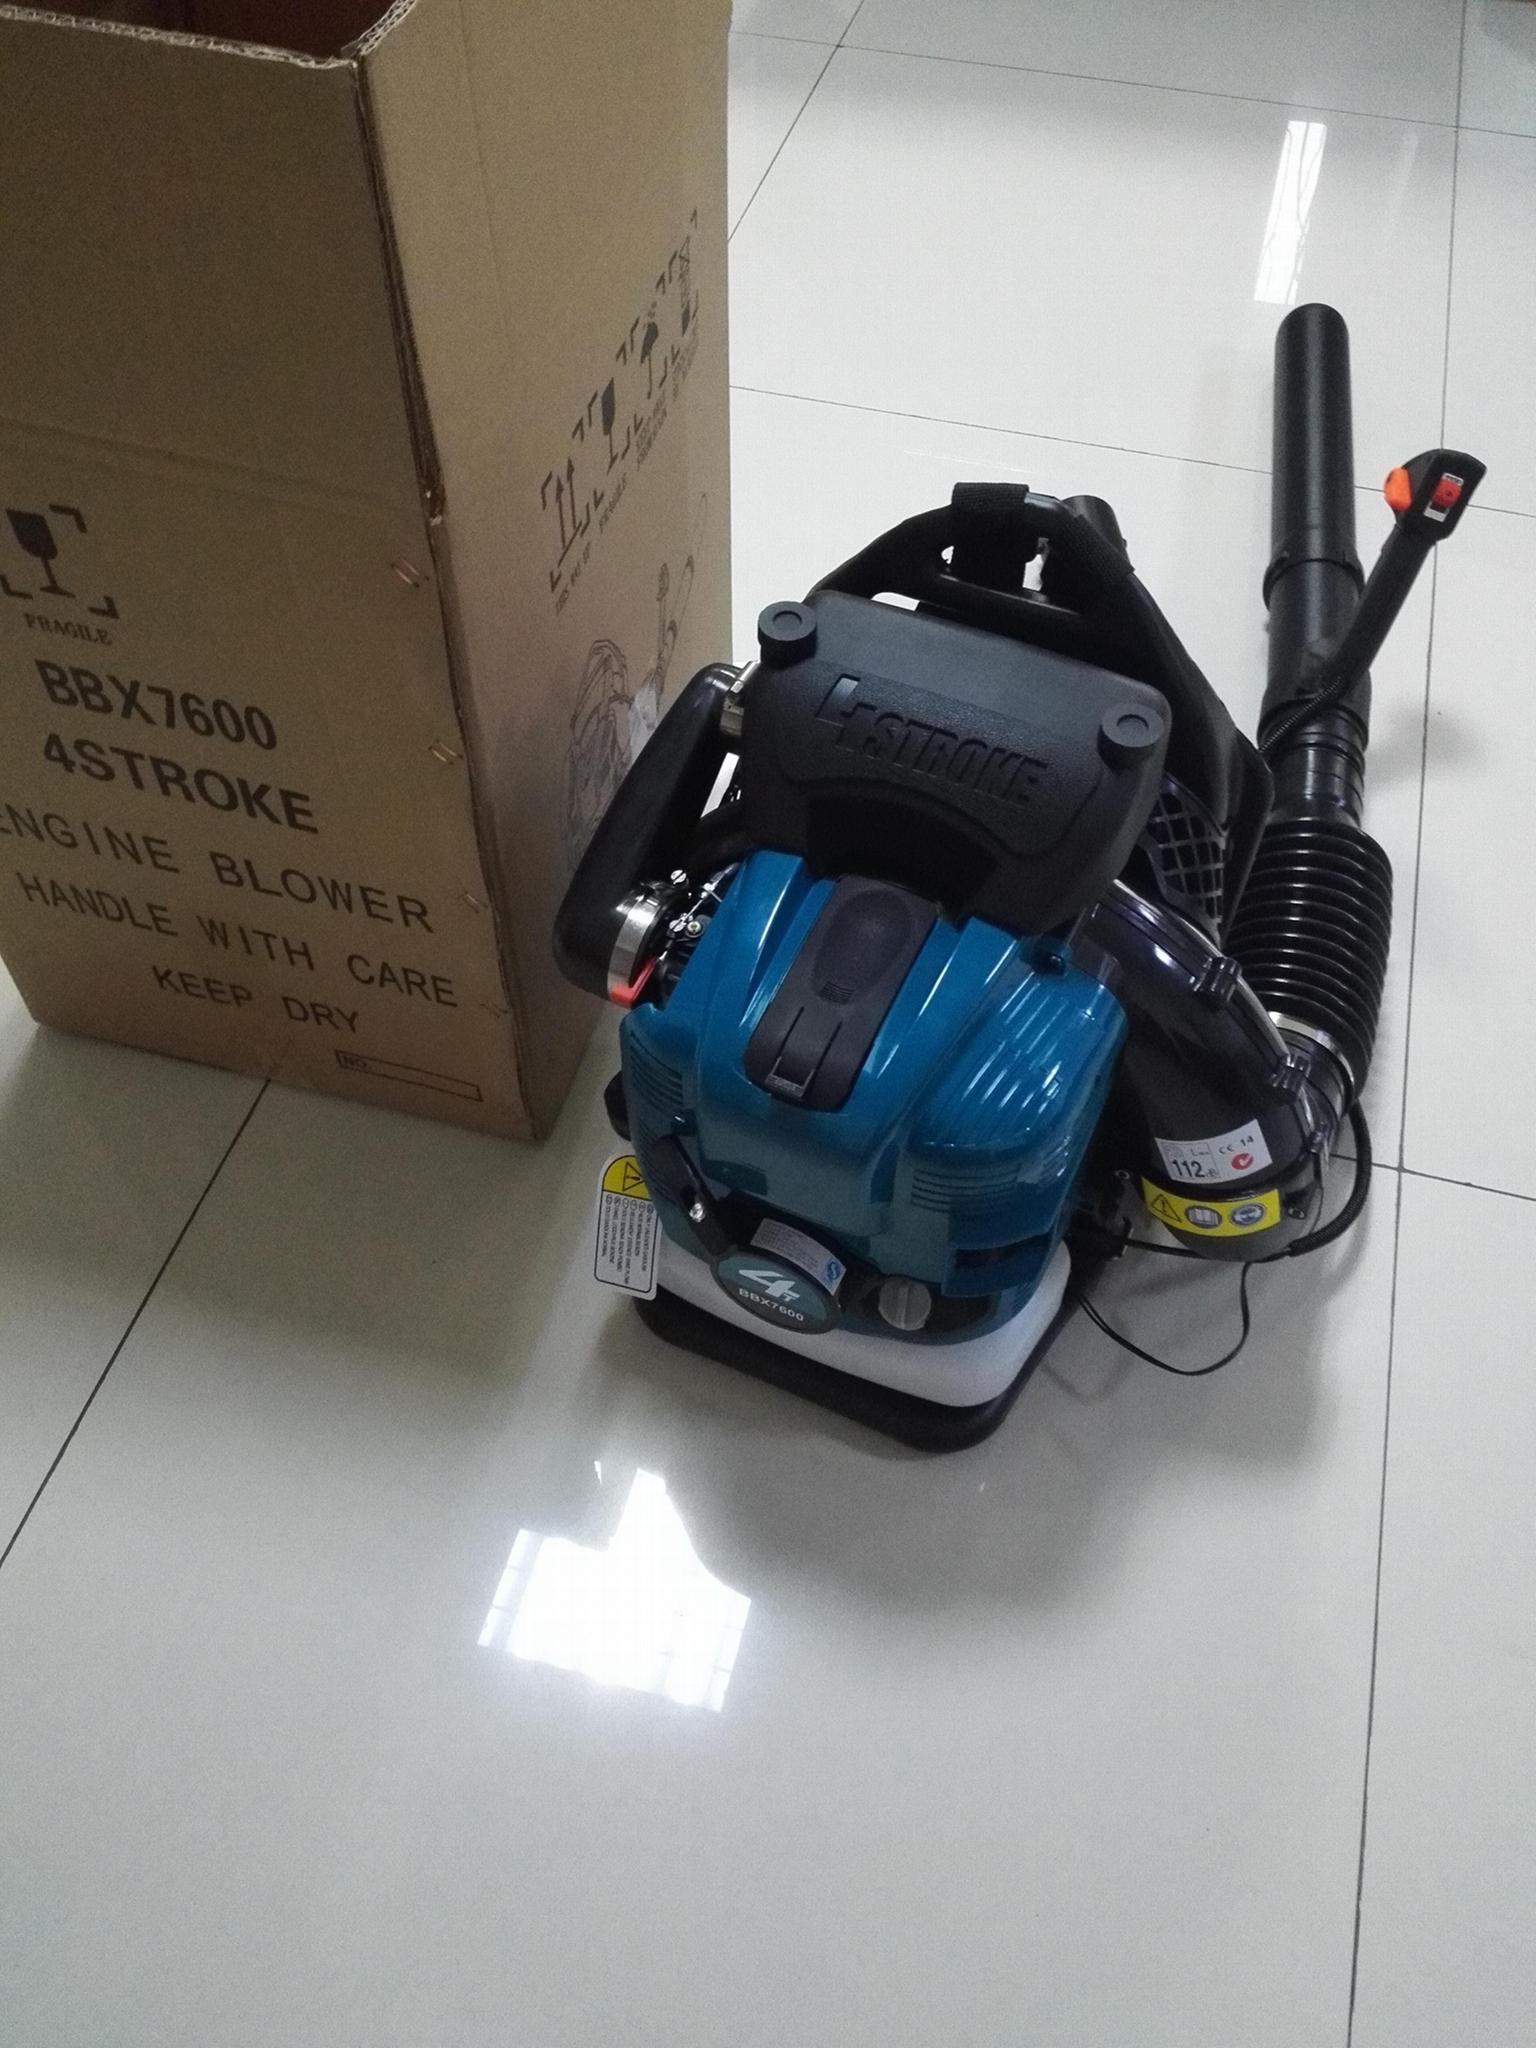 large wind 4-stroke  Back-pack gasoline blower BBX7600 3